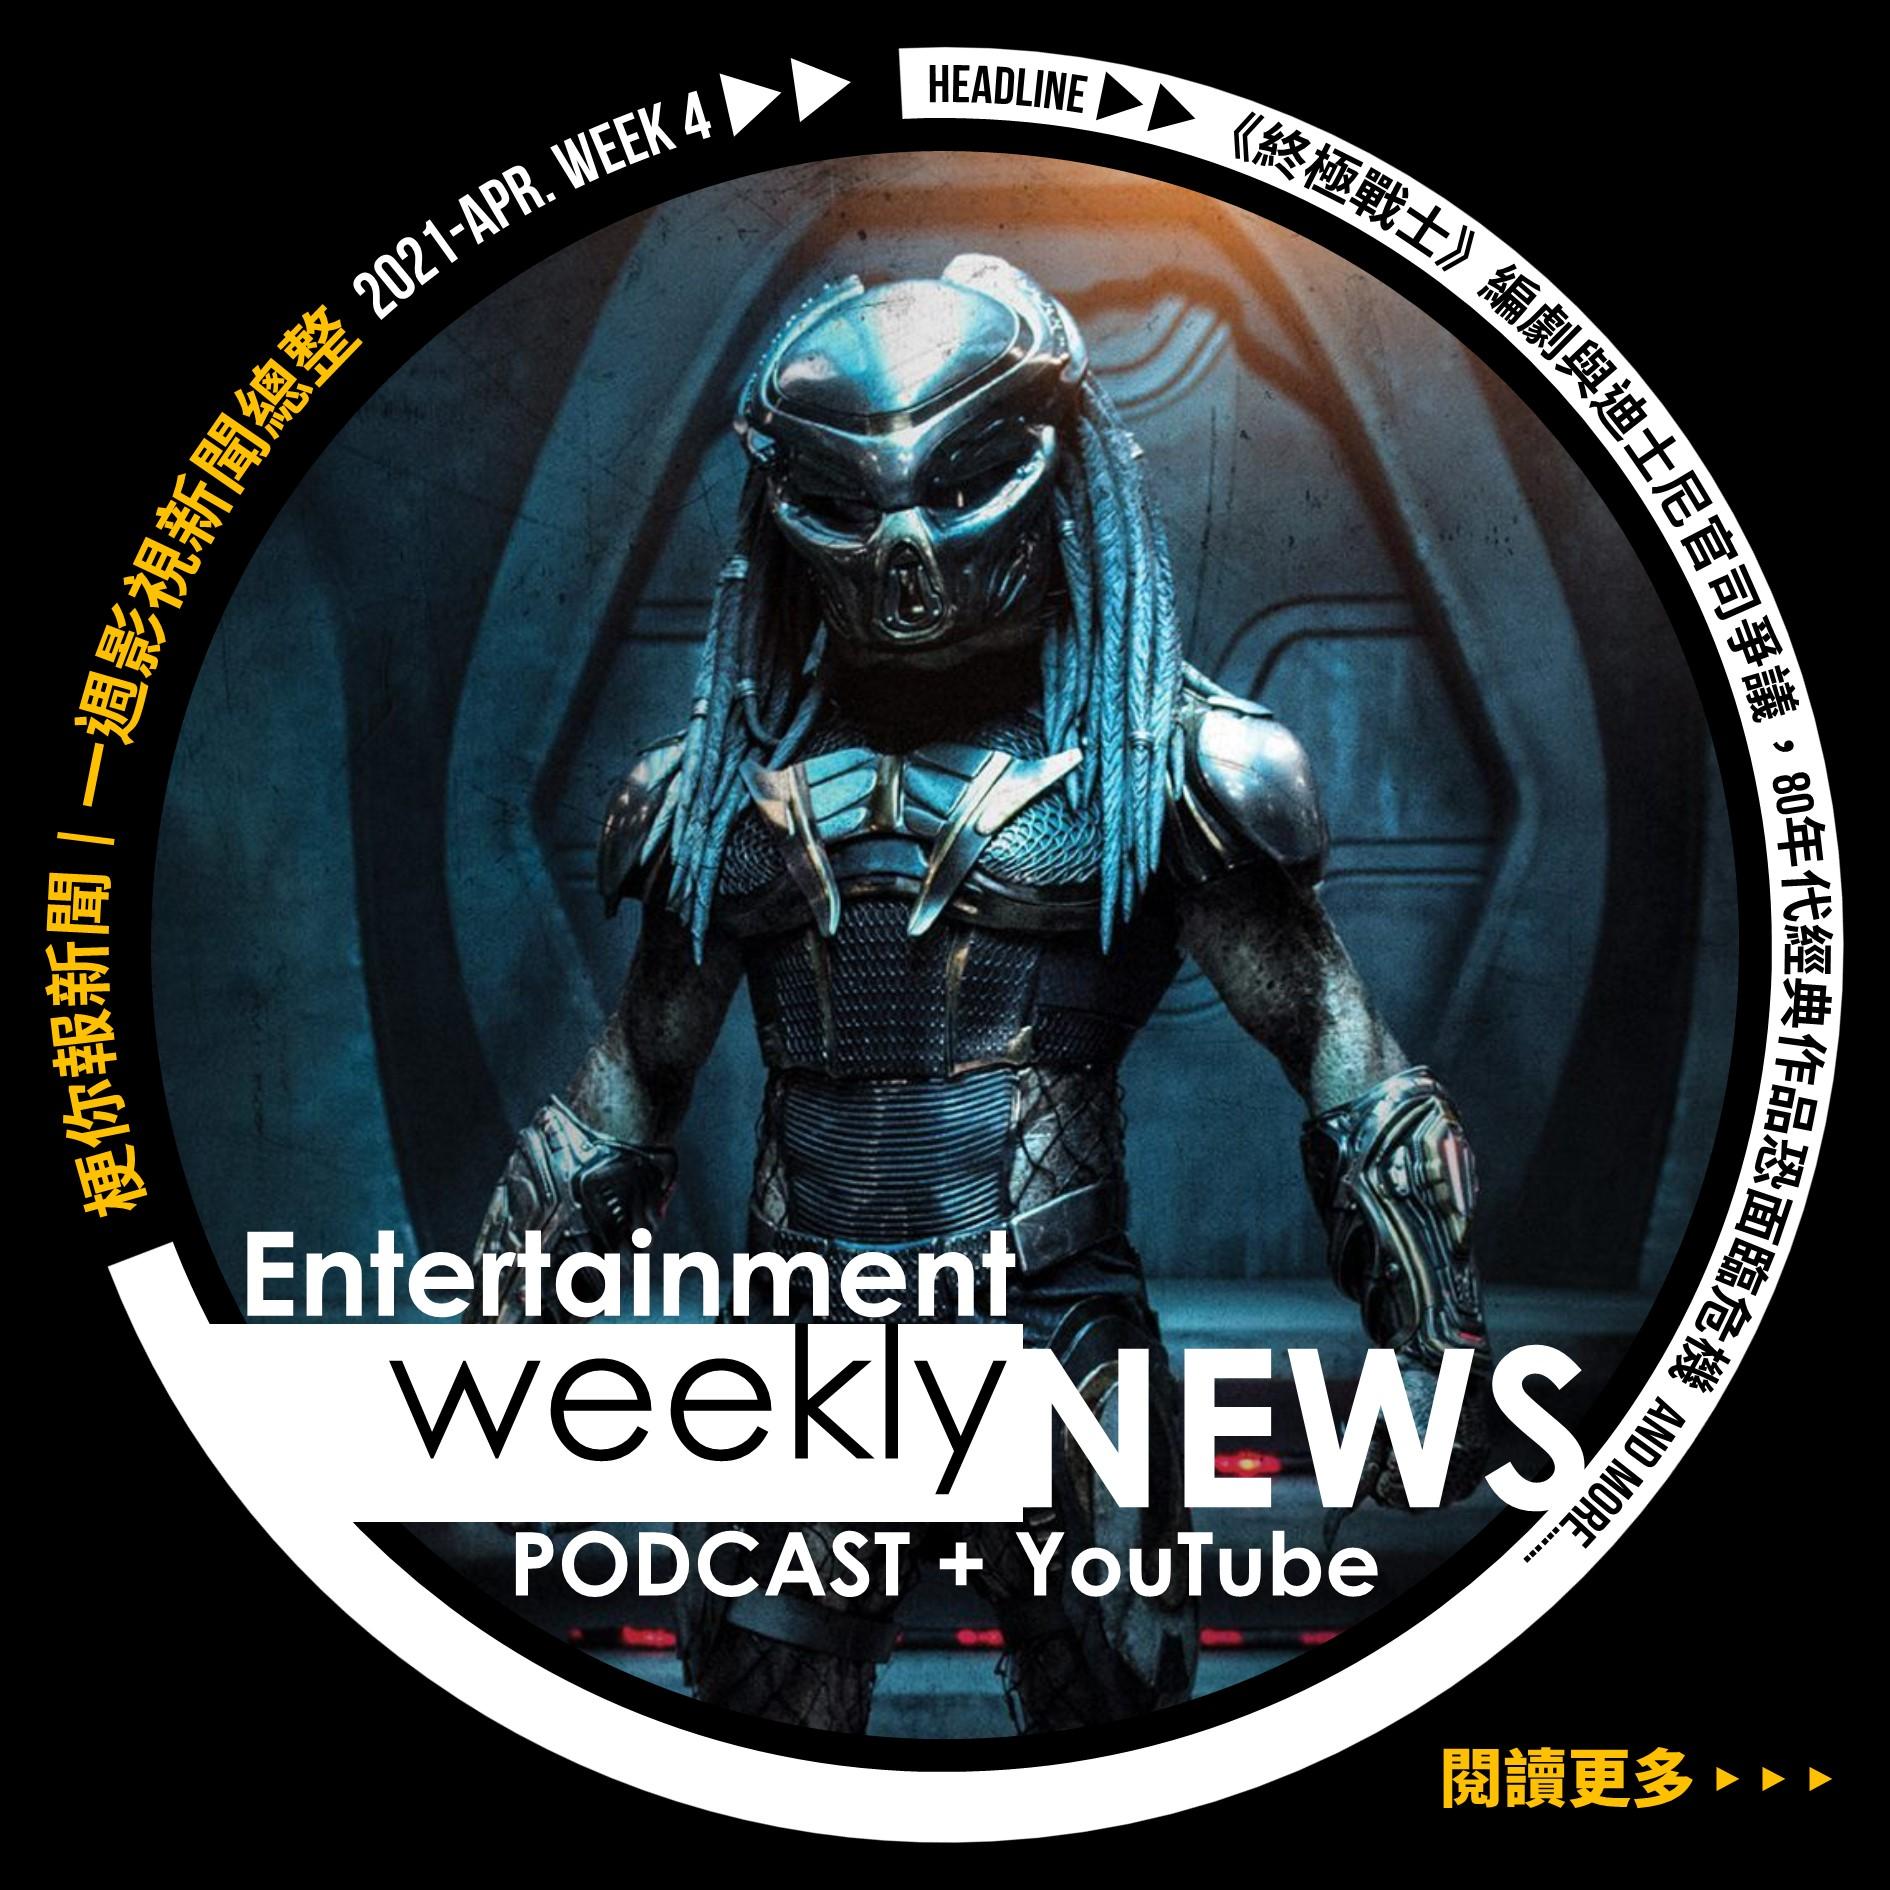 【梗你報新聞 專題】2021-APR. Week 4 | 《終極戰士》編劇槓上迪士尼 | 《尚氣與十環幫傳奇》首支預告釋出,然後...右乳滑了? || XXY + JERICHO